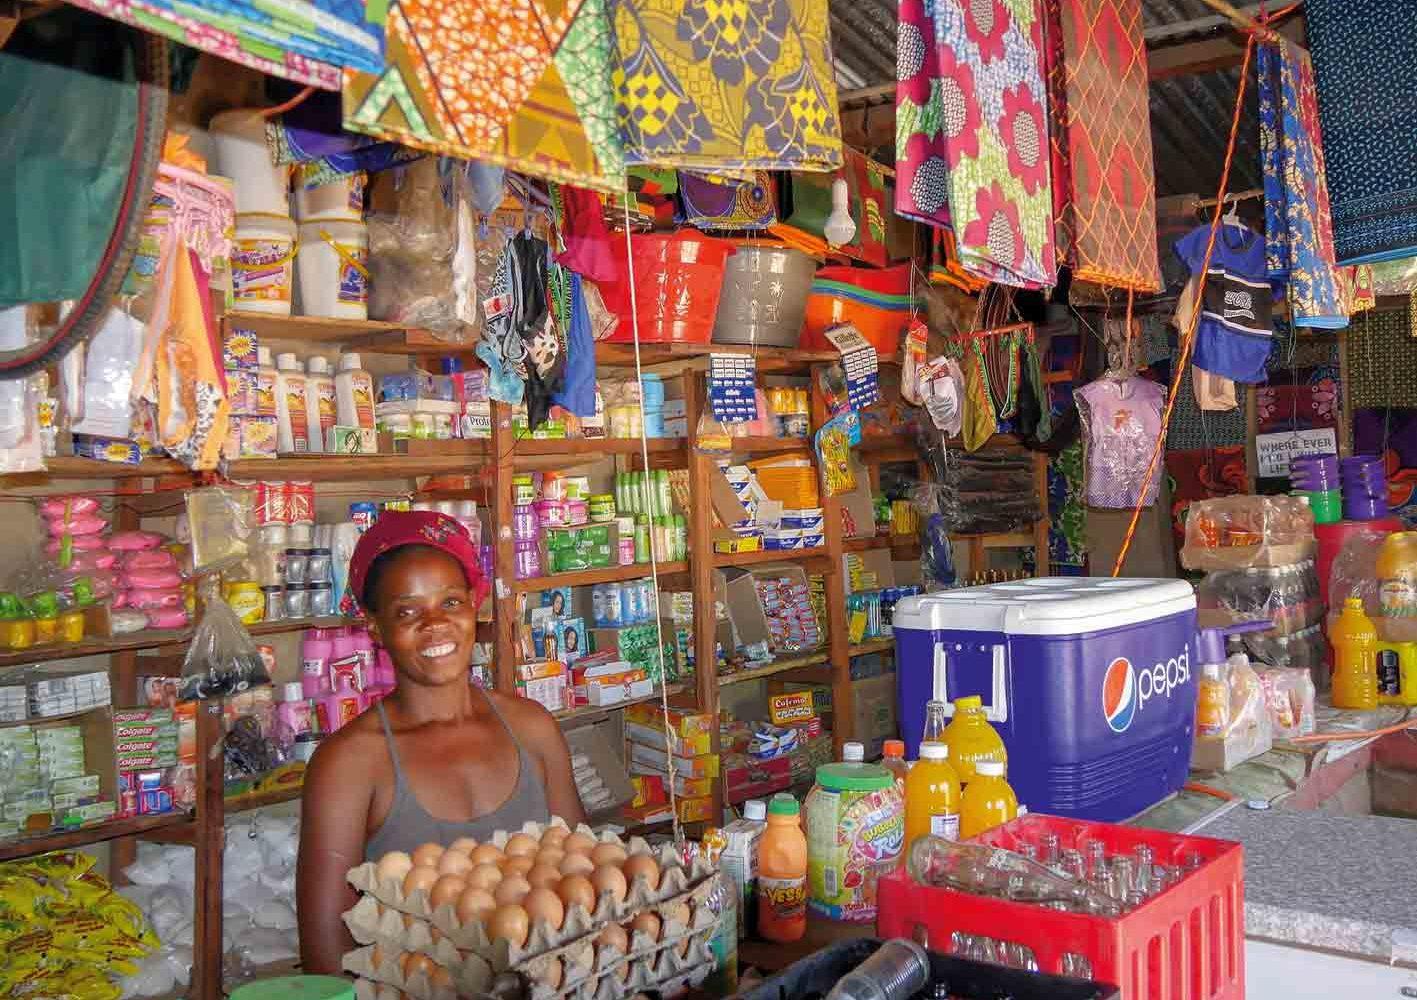 Kiosk in Zambia